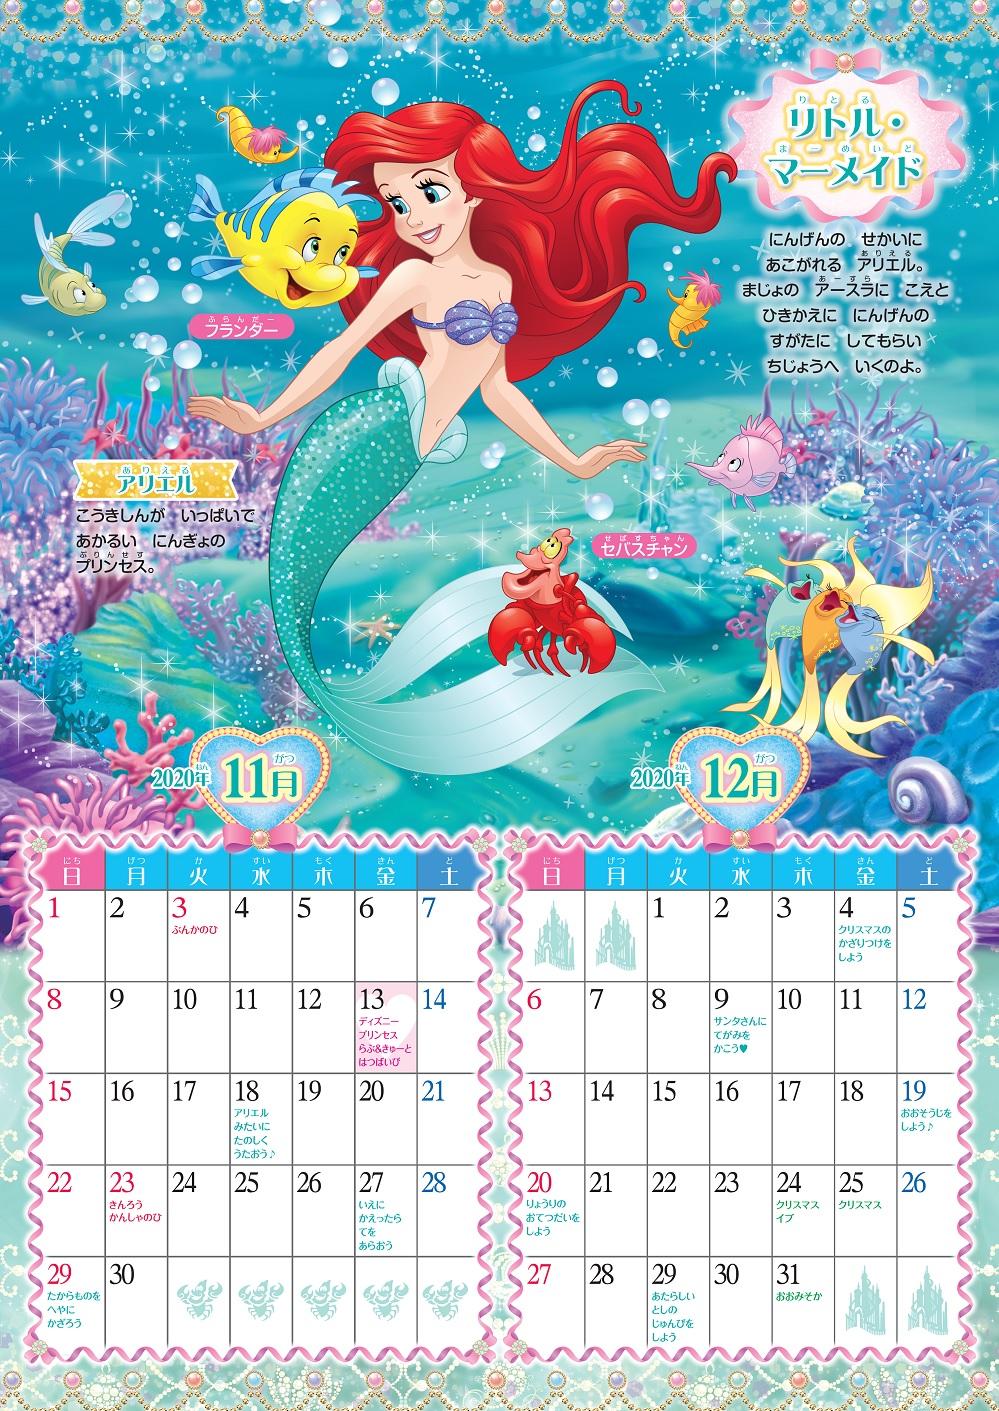 「プリンセス ときめき❤カレンダー 2021 11月12月」画像